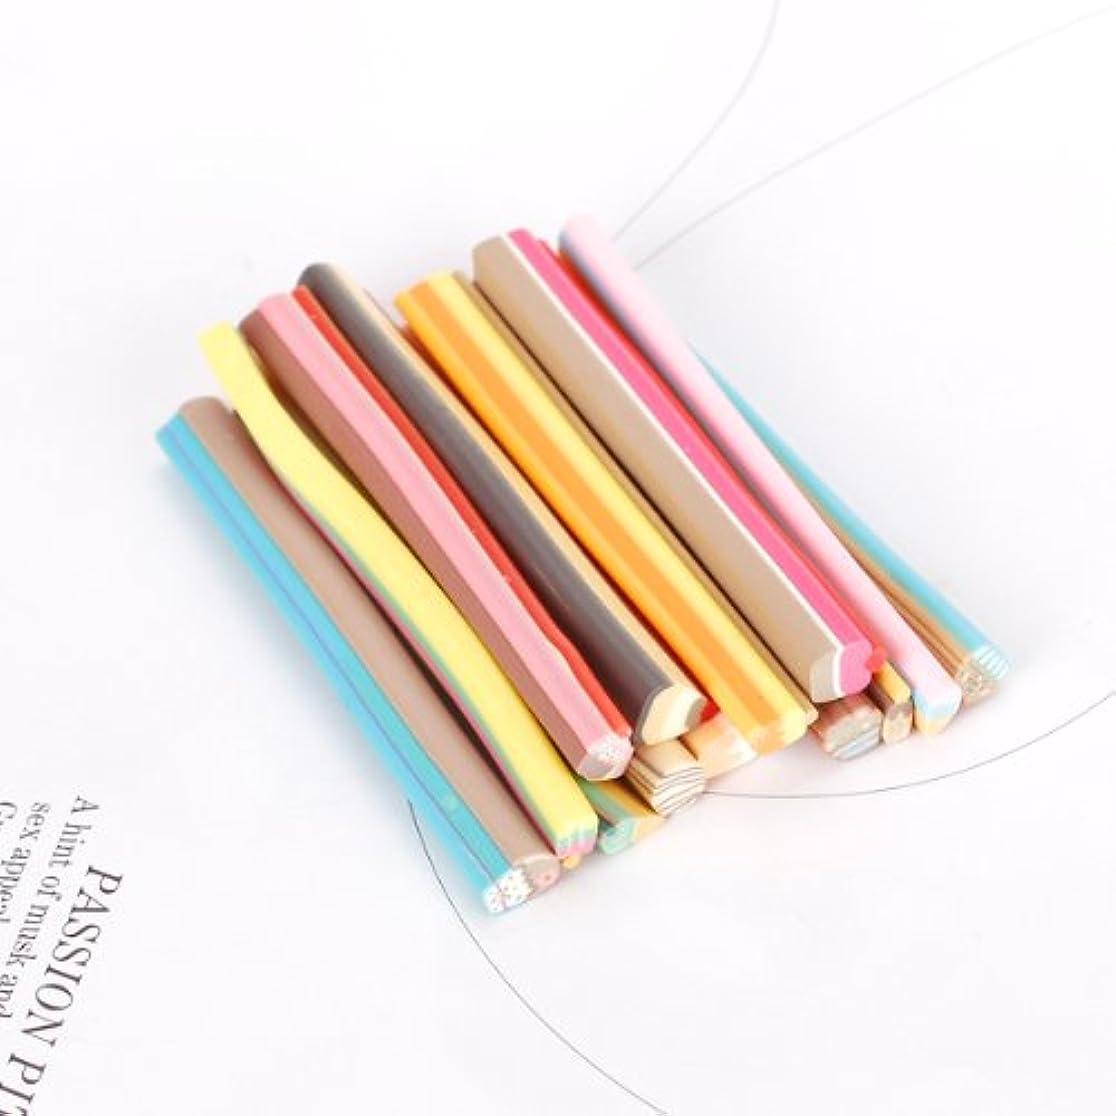 形状クリエイティブ楽観的14本セット スライス棒 ネイルフルーツ棒 ネイルパーツ 樹脂粘土 カット ネイル デコ用